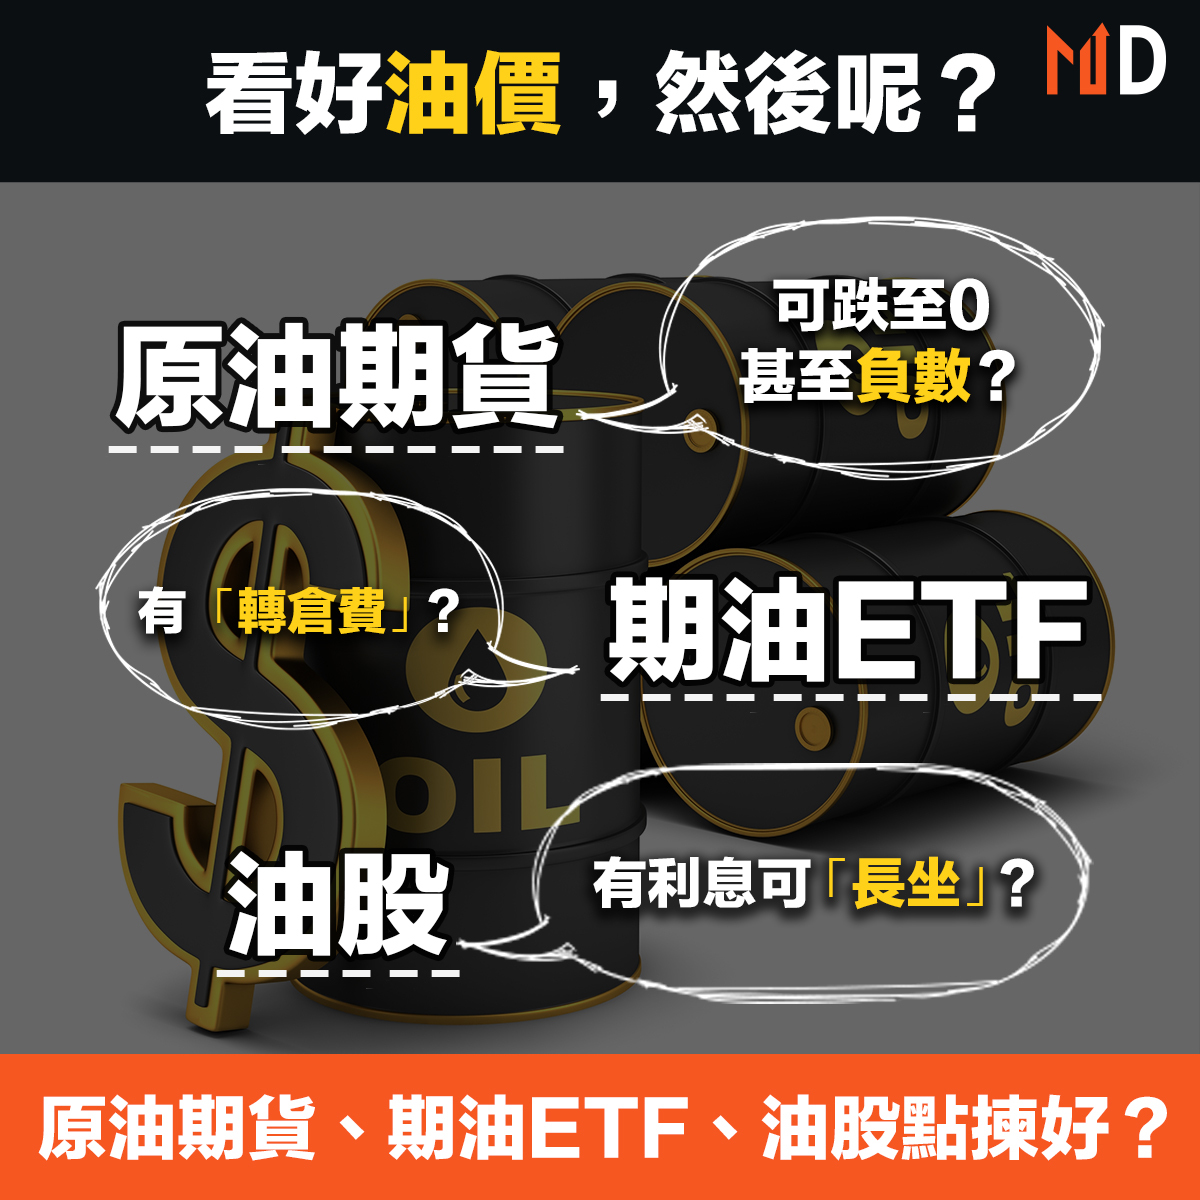 【市場熱話】看好油價,然後呢?一圖看懂原油期貨、油股、油ETF的分別!